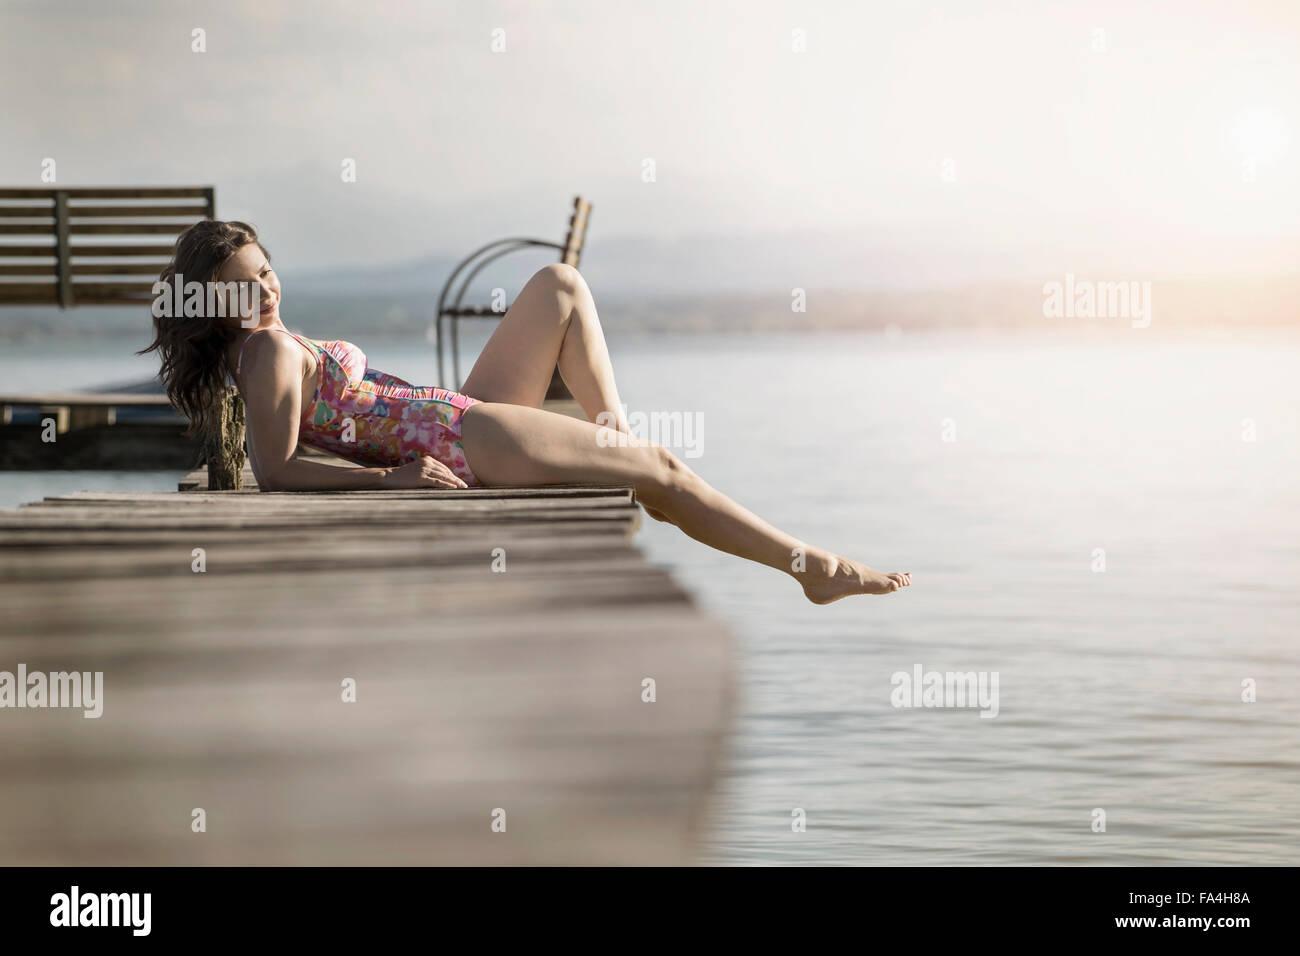 Donna matura giacente in costume da bagno sul molo, Baviera, Germania Immagini Stock